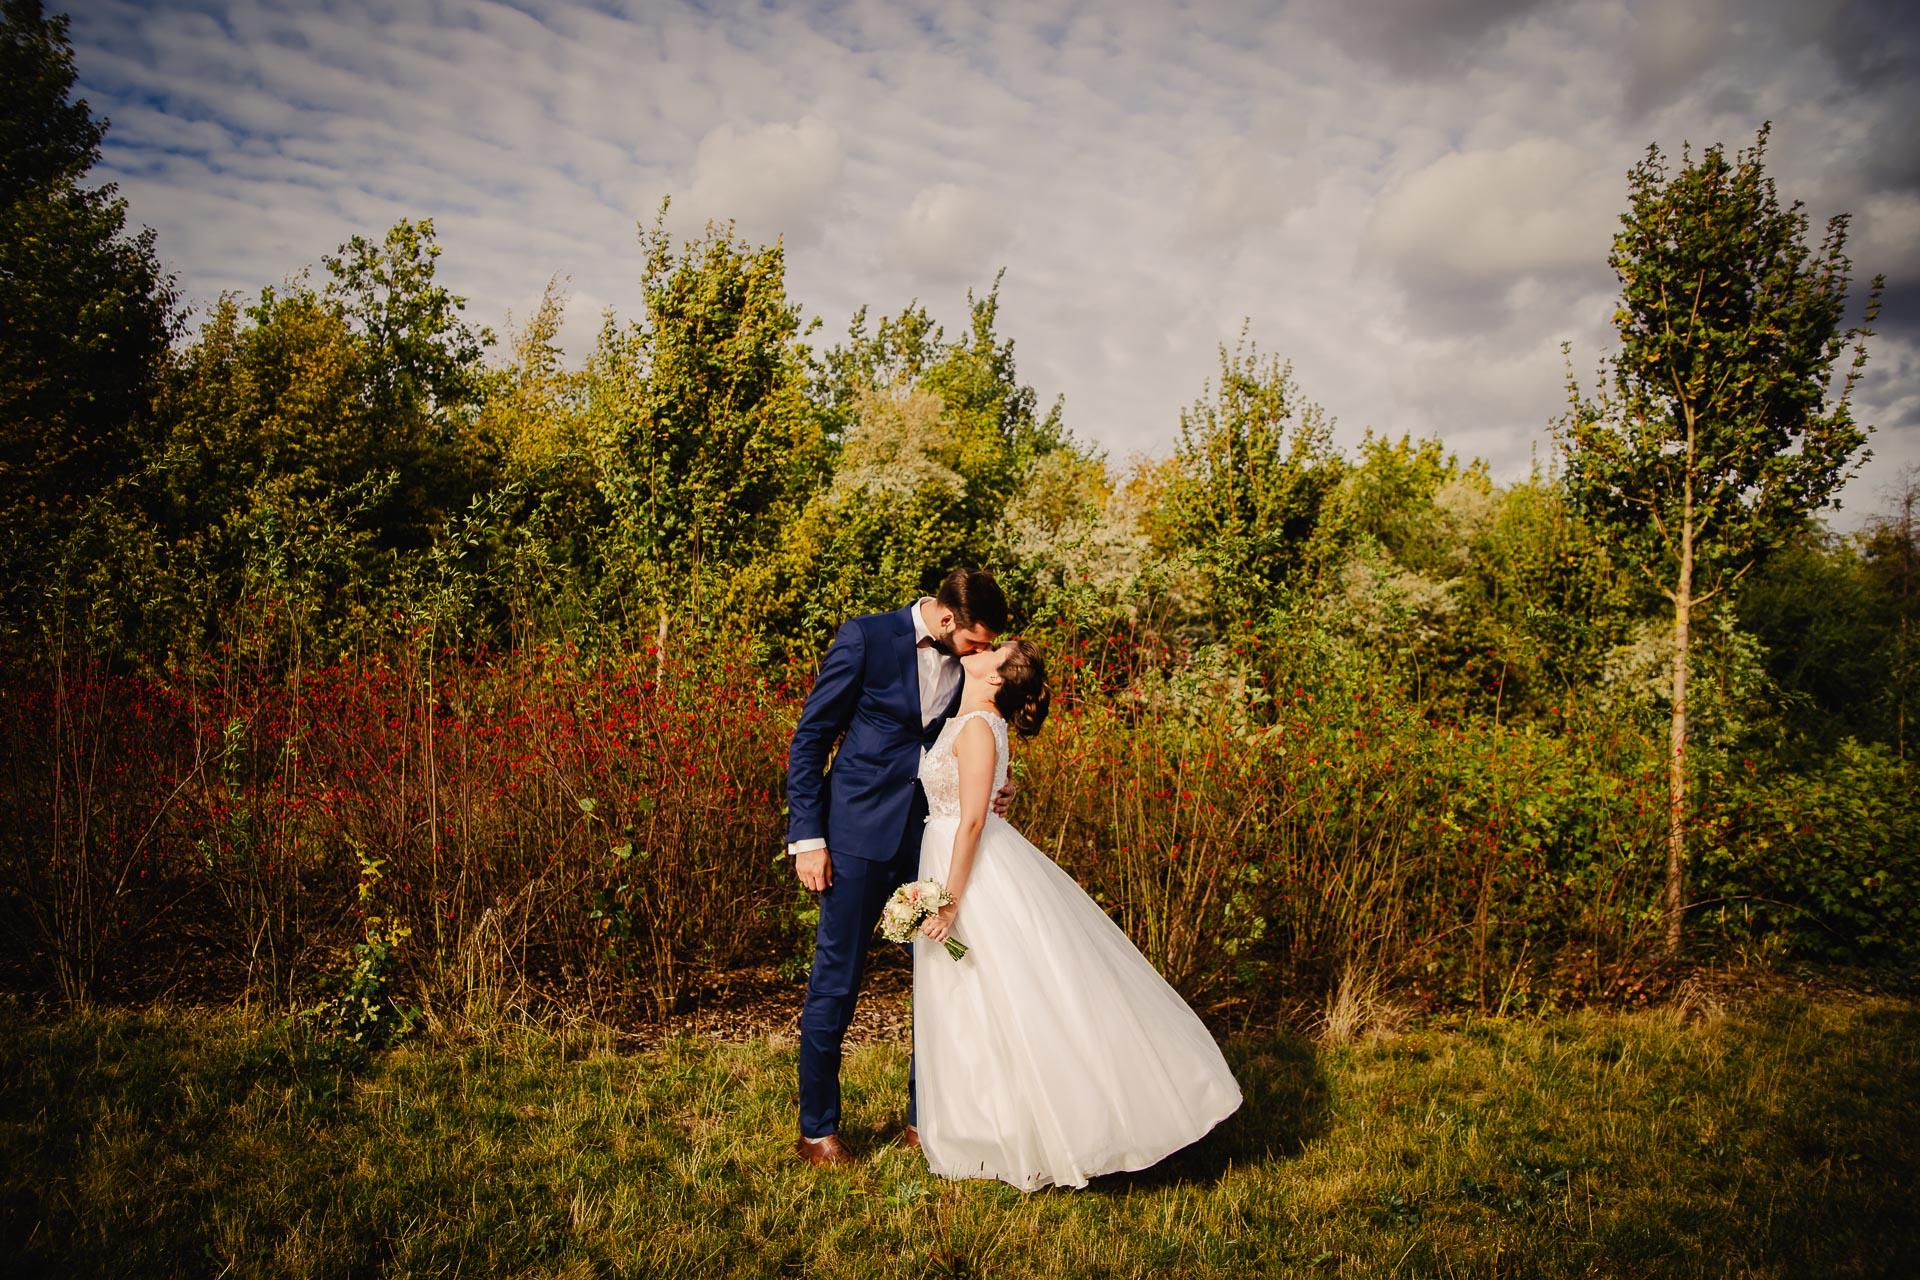 svatební fotograf Praha,svatba střední čechy, církevní obřad, svatba v kostele, nejhezčí svatební fotografie-3121